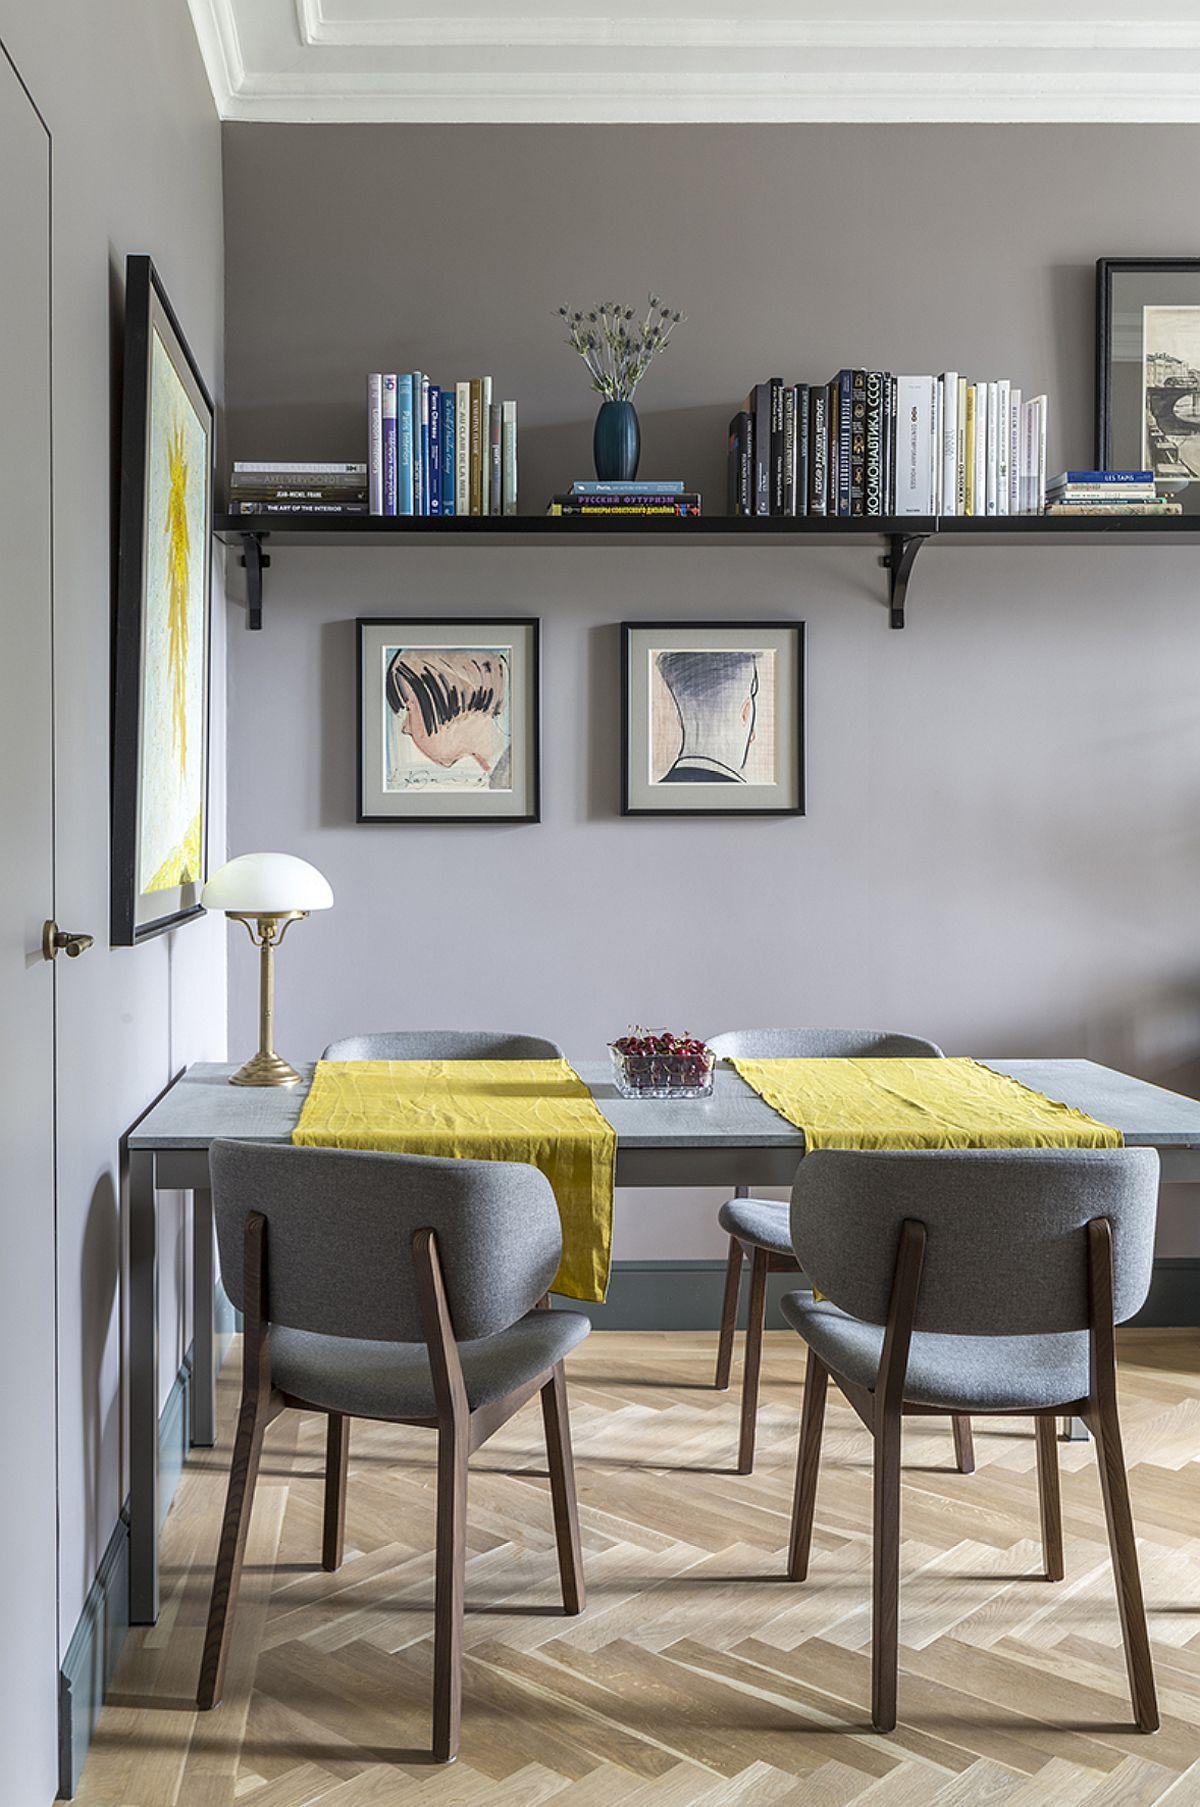 Accesul în camera de zi coincide cu cel în sufragerie. Pentru a economisi spațiu, designerul a prevăzut așezarea unei mese lipită cu latura îngustă de perete care separă dressingul. În stânga se poate observa ușa dressingului configurată în același plan cu zidul, astfel încât să nu fragmenteze spațiul.